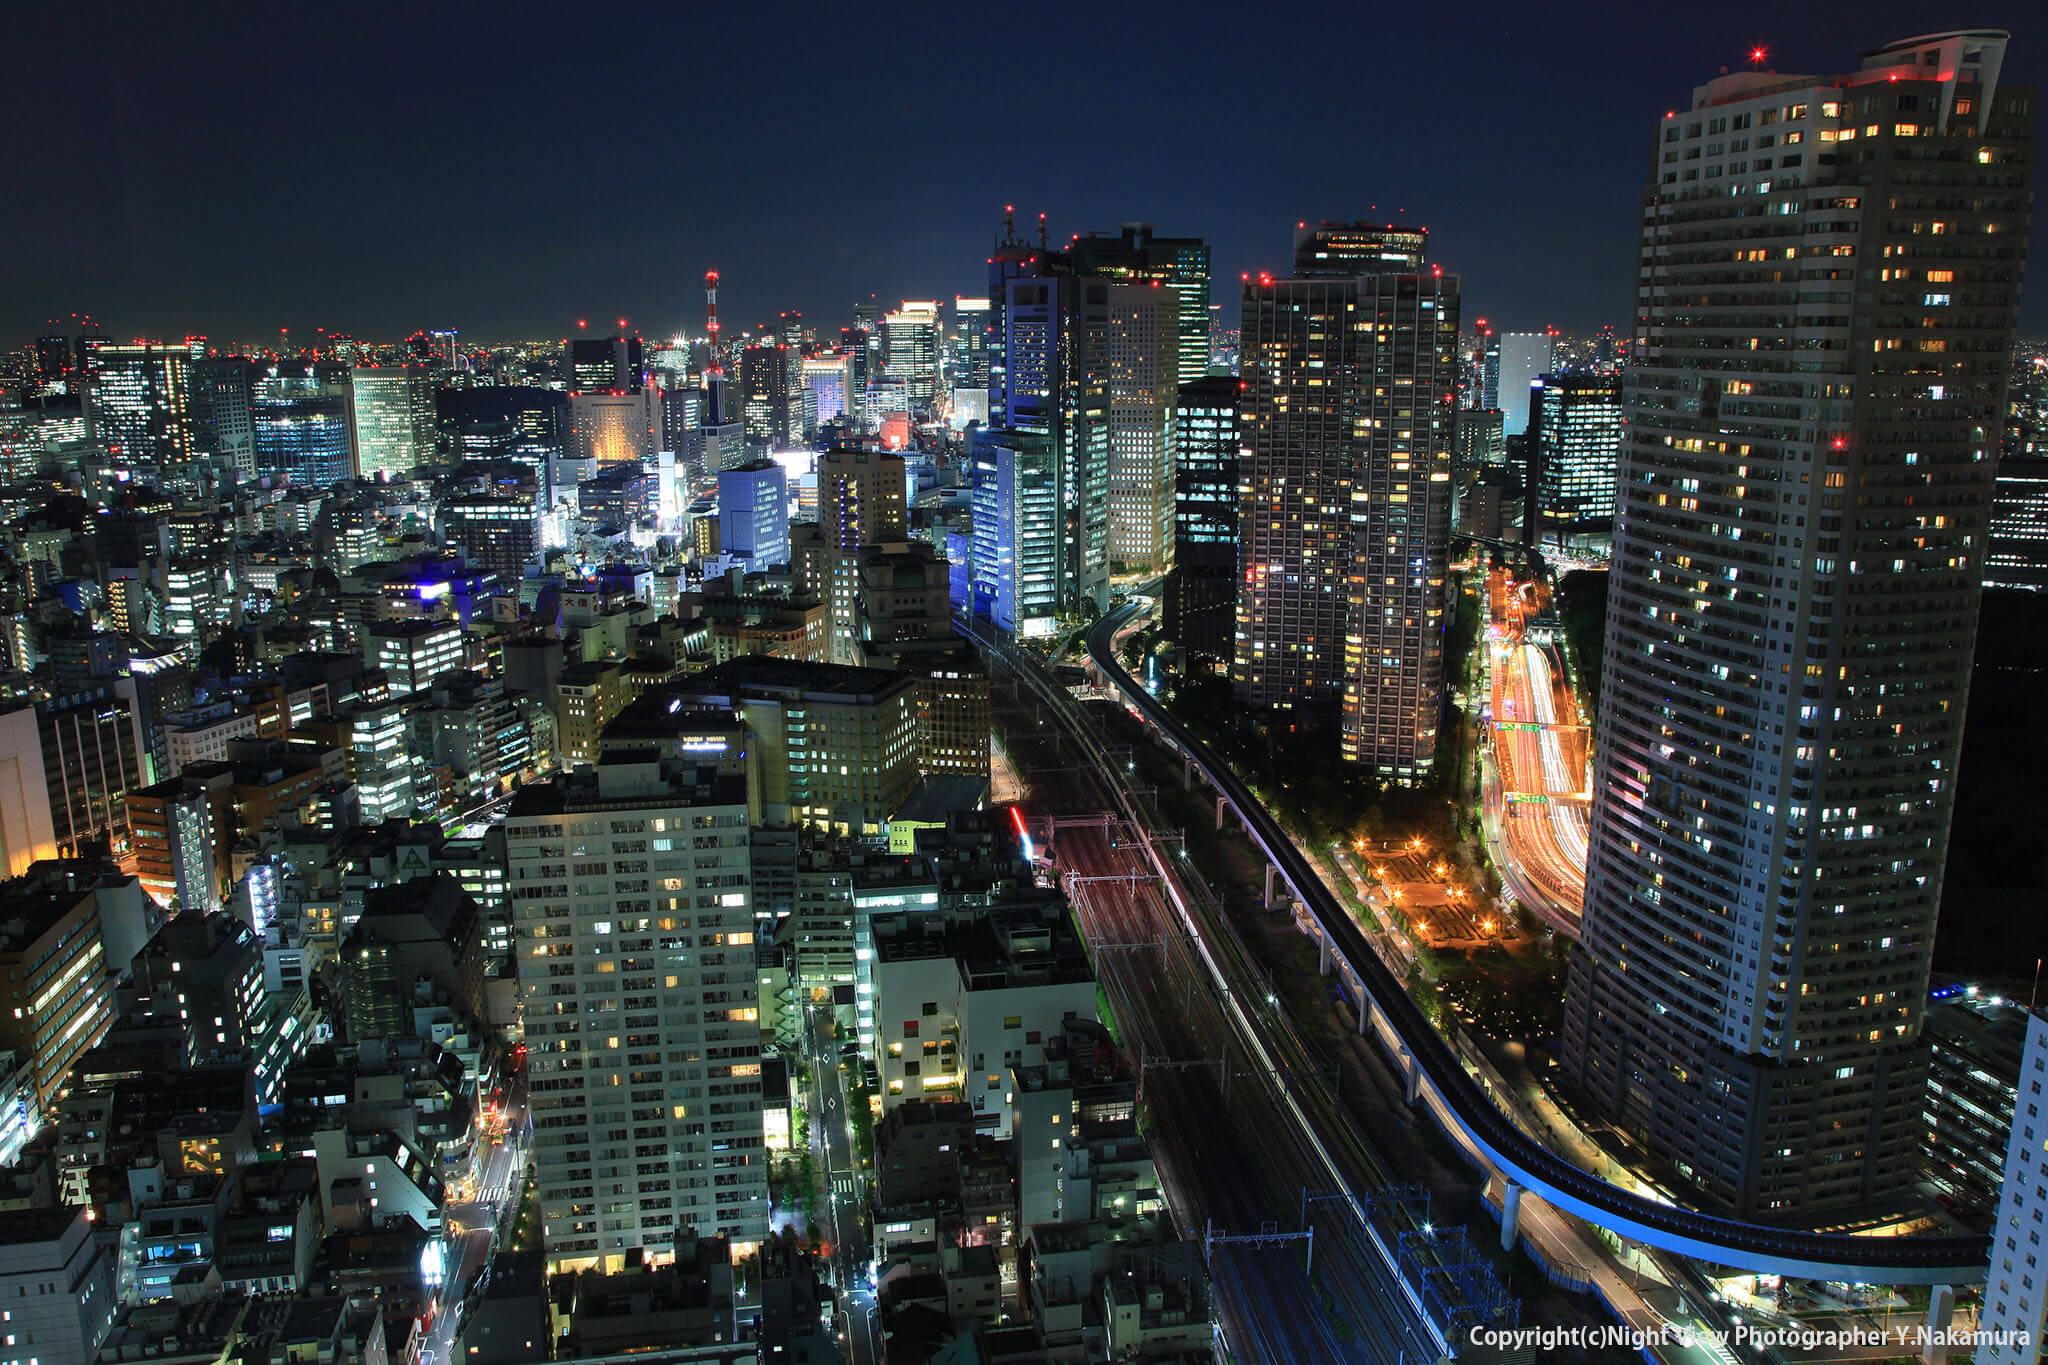 Photo of 訪れるなら今!上質な雰囲気の展望台「世界貿易センタービル・シーサイドトップ」